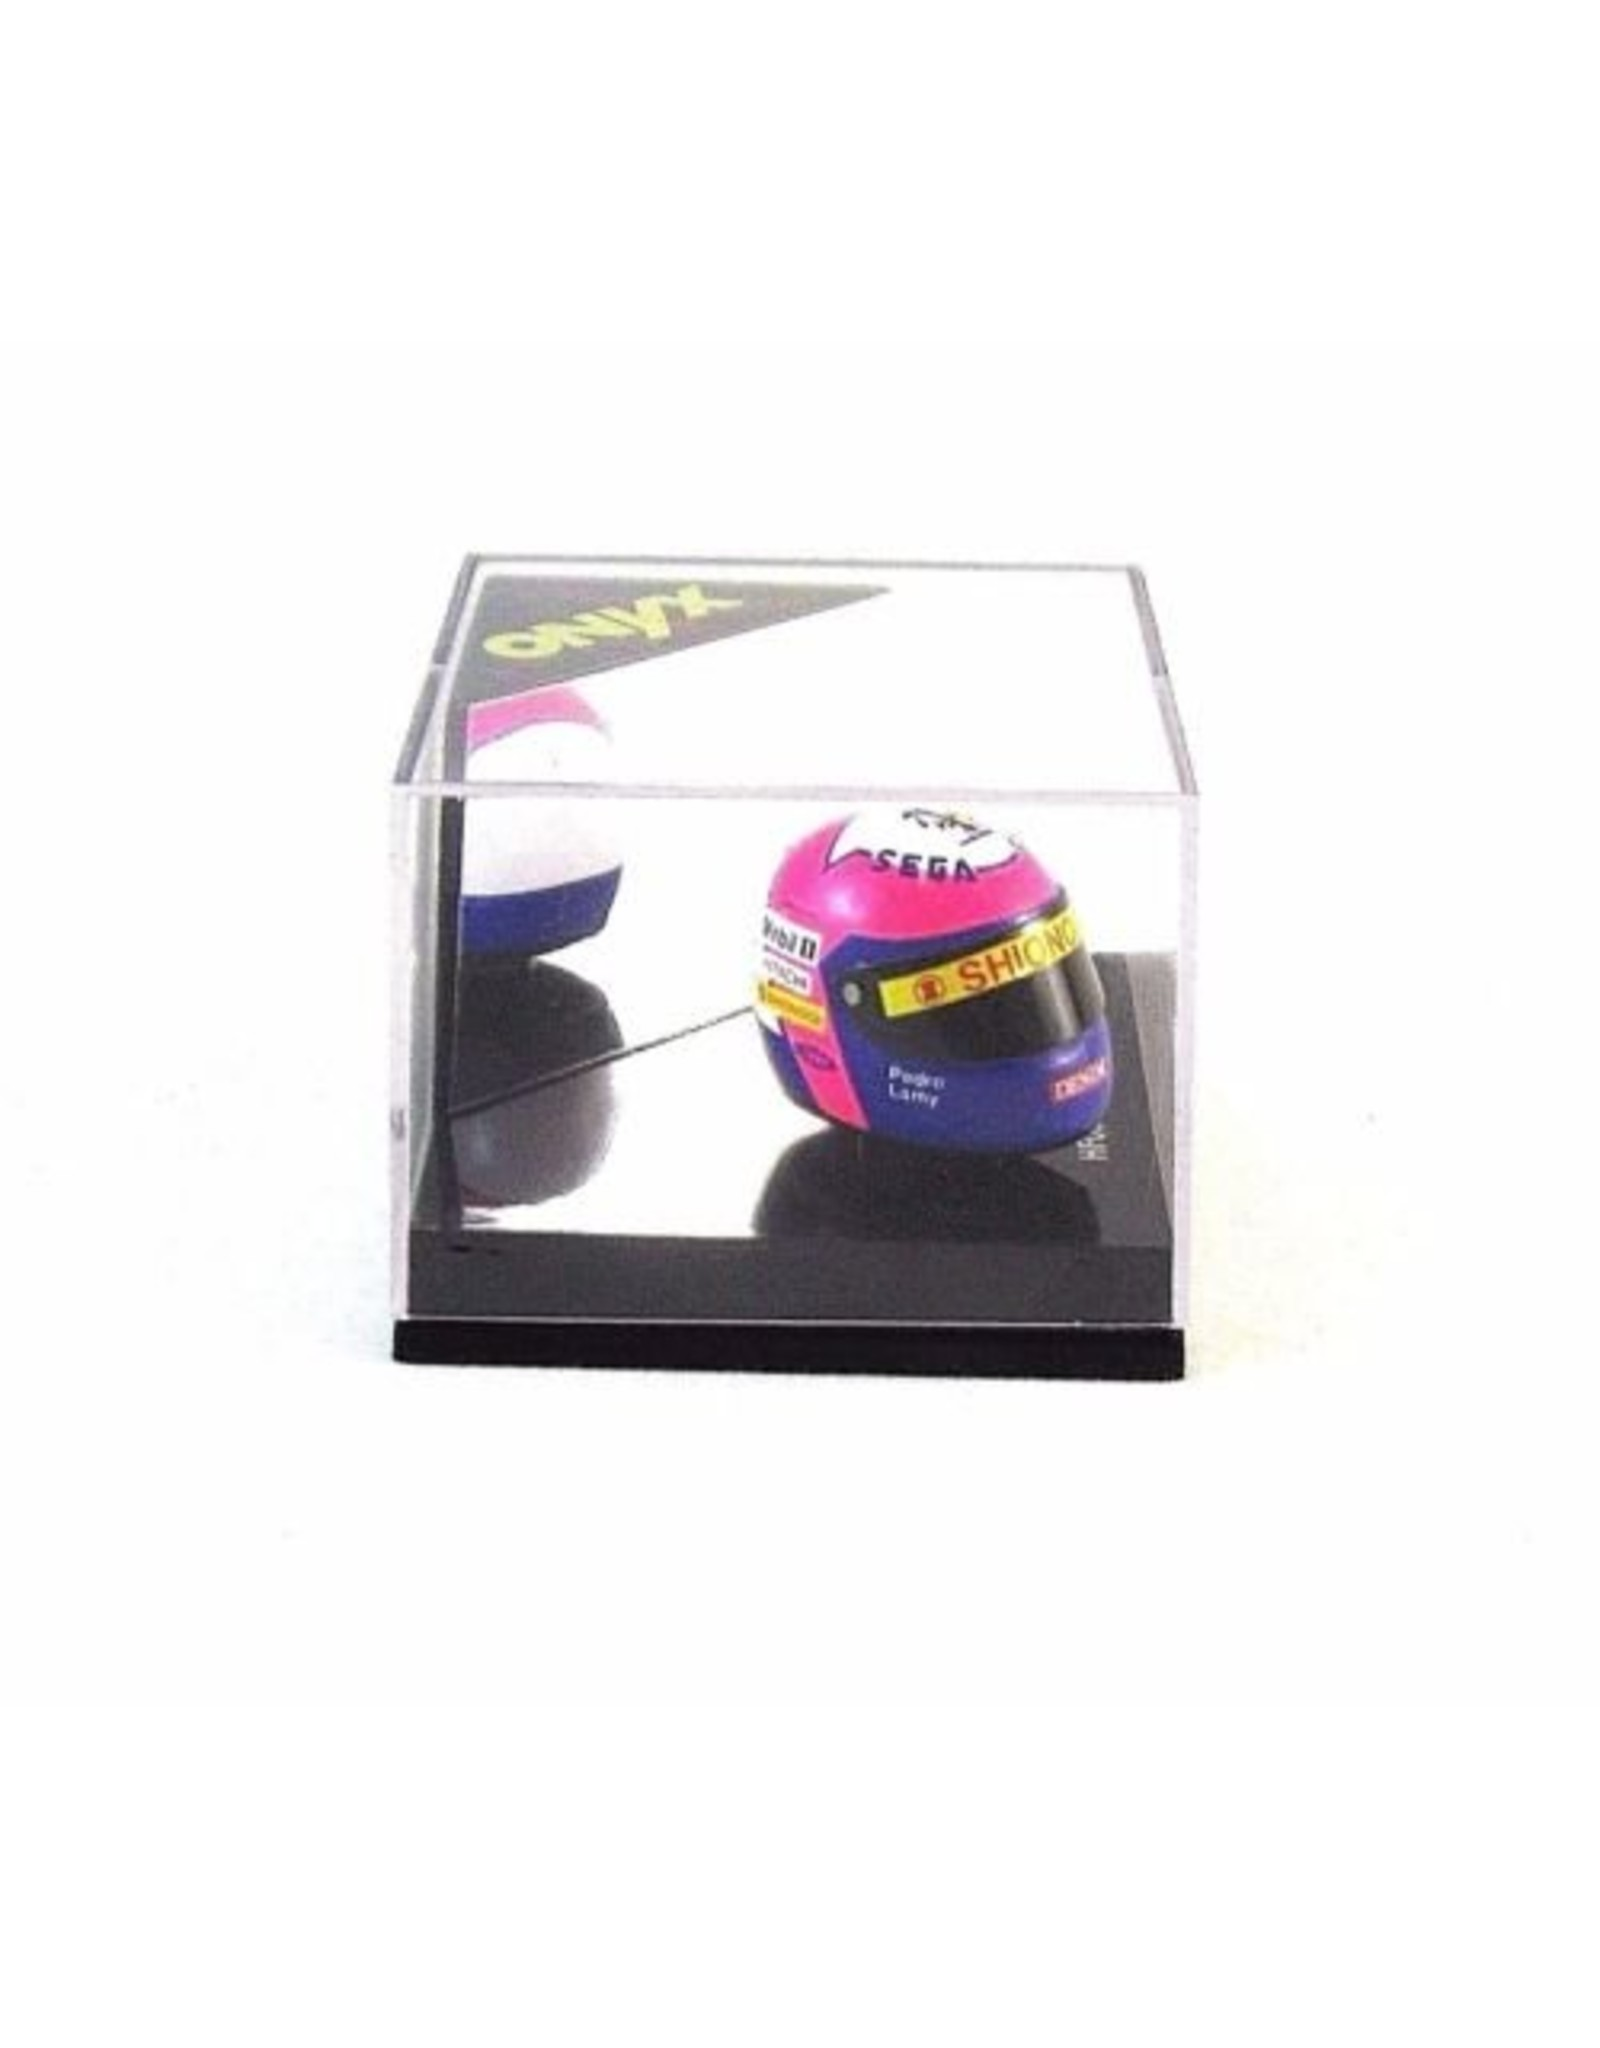 Helm Helmet Pedro Lamy - 1:12 - Onyx